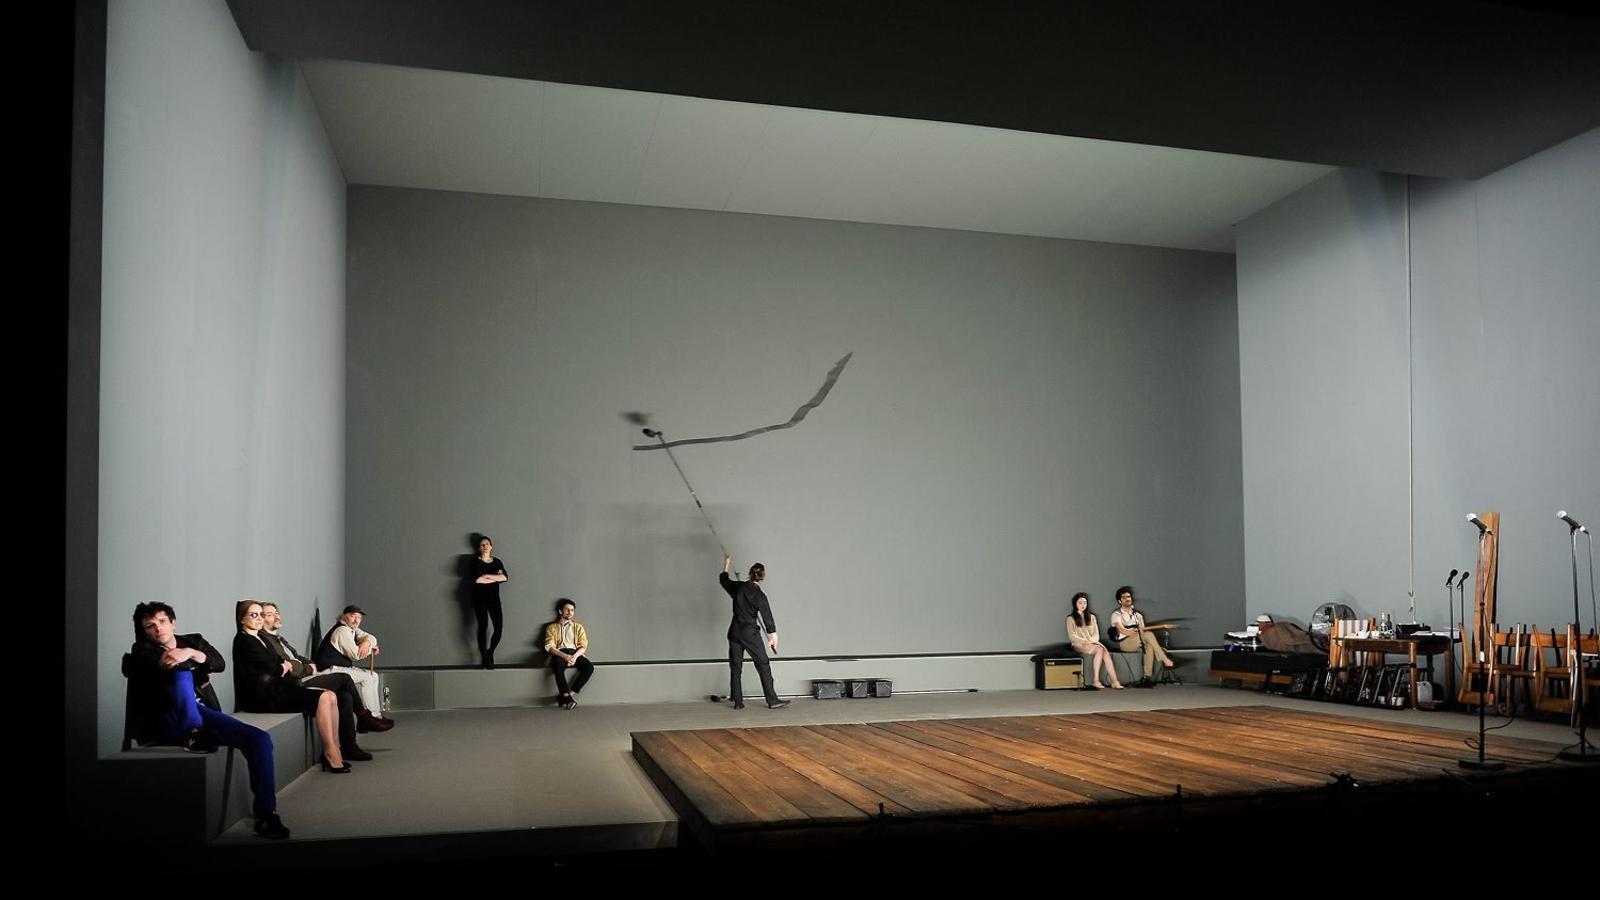 La companyia del Théâtre de Vidy de Lausana, amb qui Ostermeier ja havia fet Espectres, és sempre a escena.